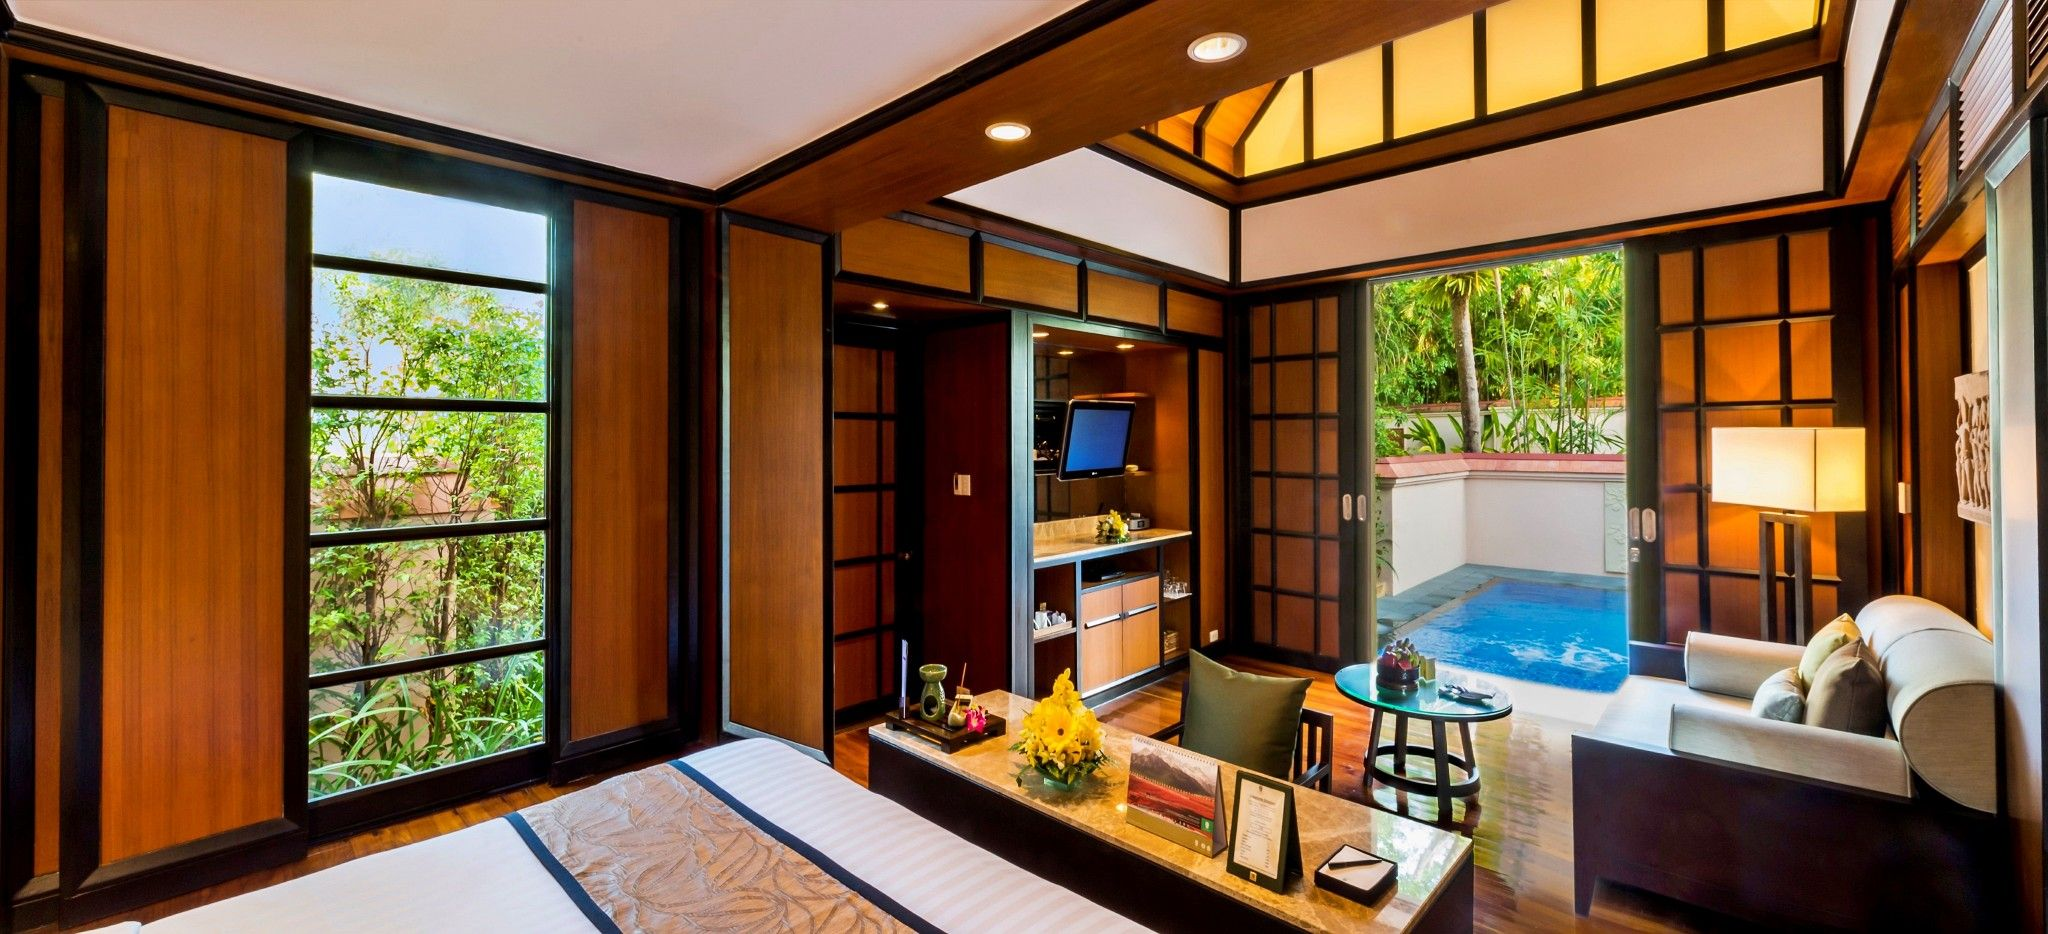 """Ein Hotelzimmer mit Blick auf den eigenen Pool im Hotel """"Banyan Tree Phuket"""""""